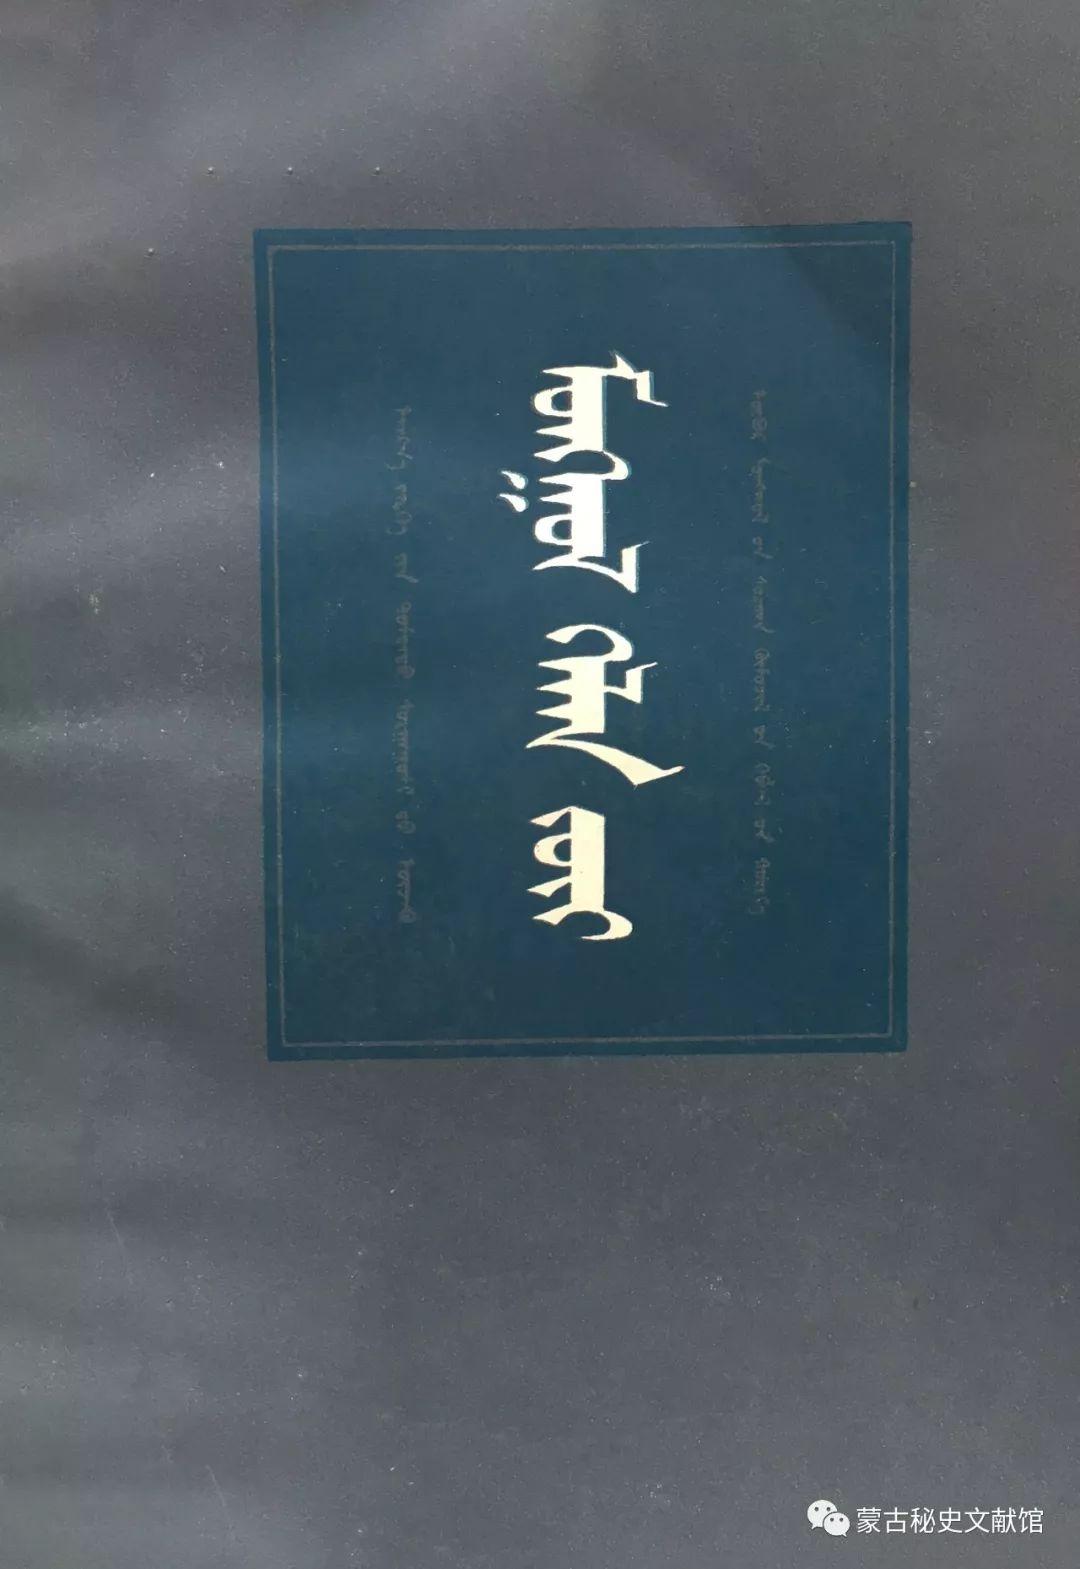 【70周年】蒙古文书籍70年的历史(上) 第36张 【70周年】蒙古文书籍70年的历史(上) 蒙古文化